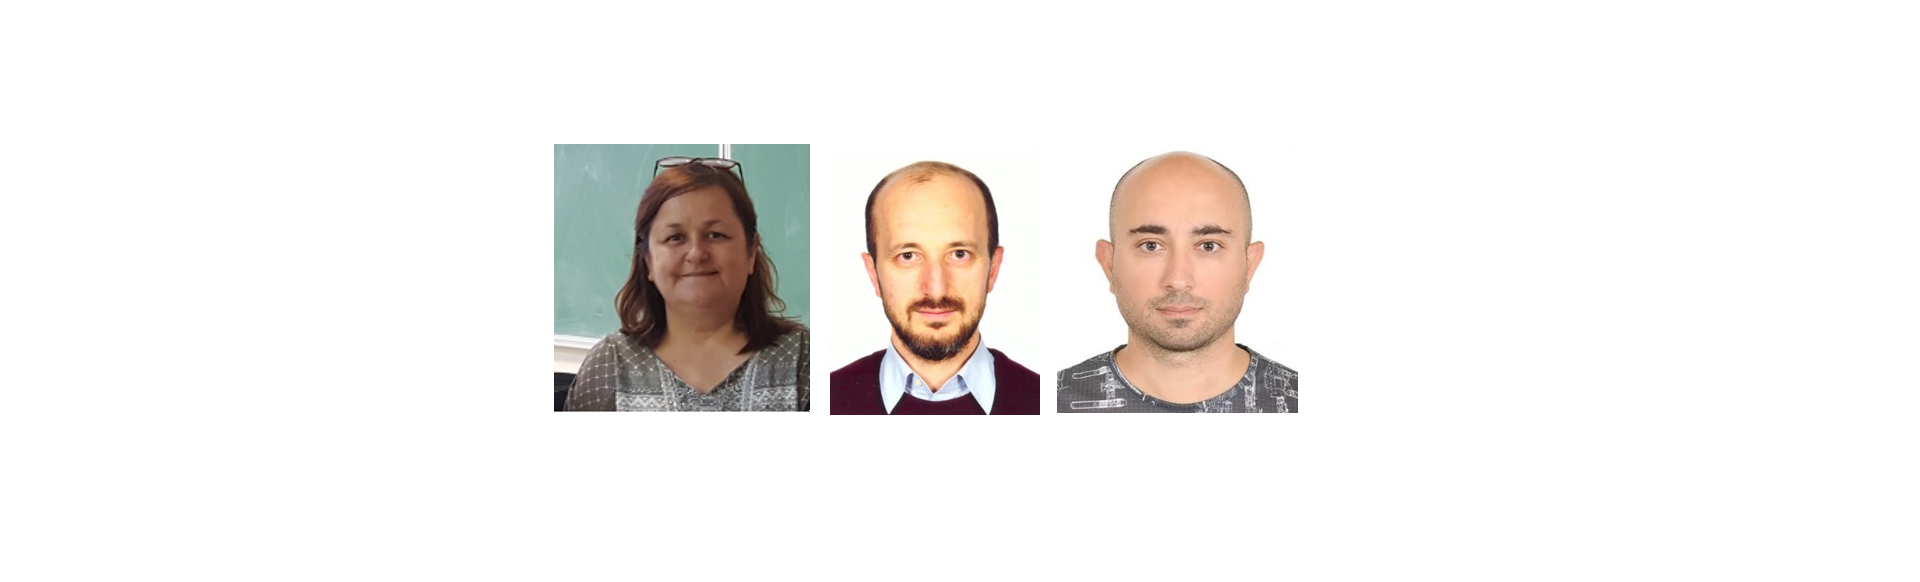 ARDEB 2019 Yılı 2. Dönem 1001 Projelerinin Bilimsel Değerlendirme Sonuçları Açıklandı